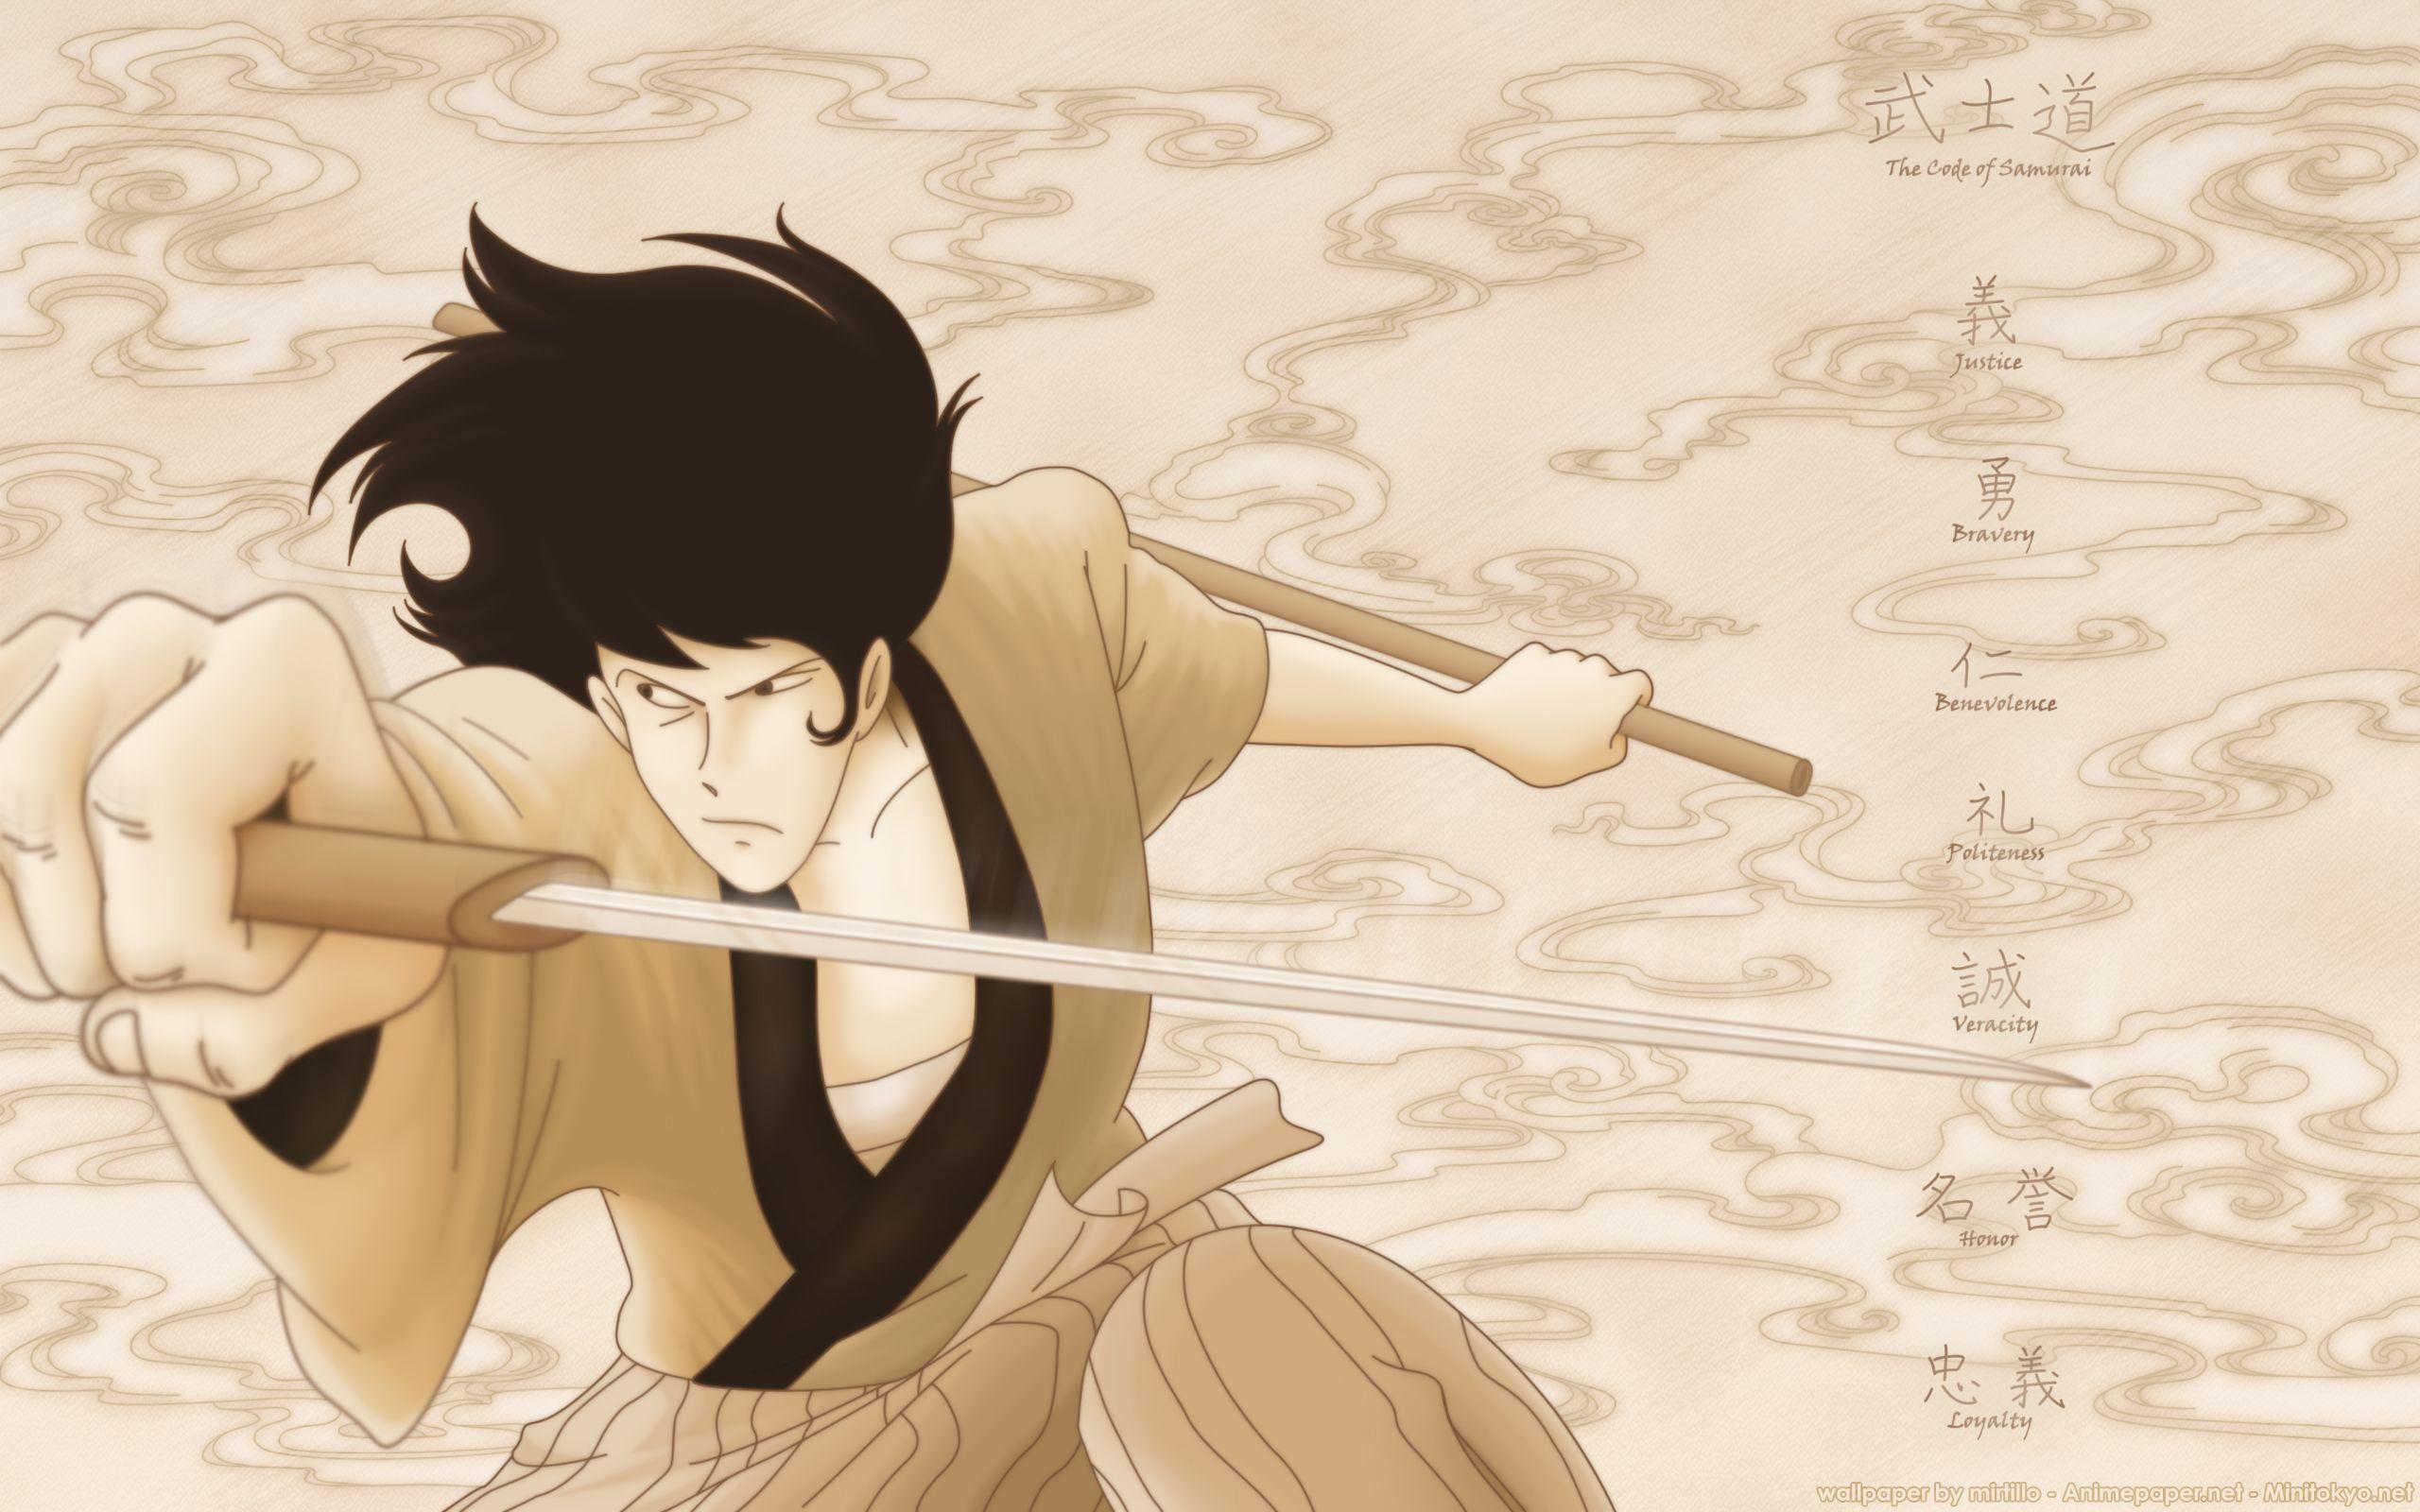 Kazuhiko Kato Tms Entertainment Lupin Iii Goemon Ishikawa